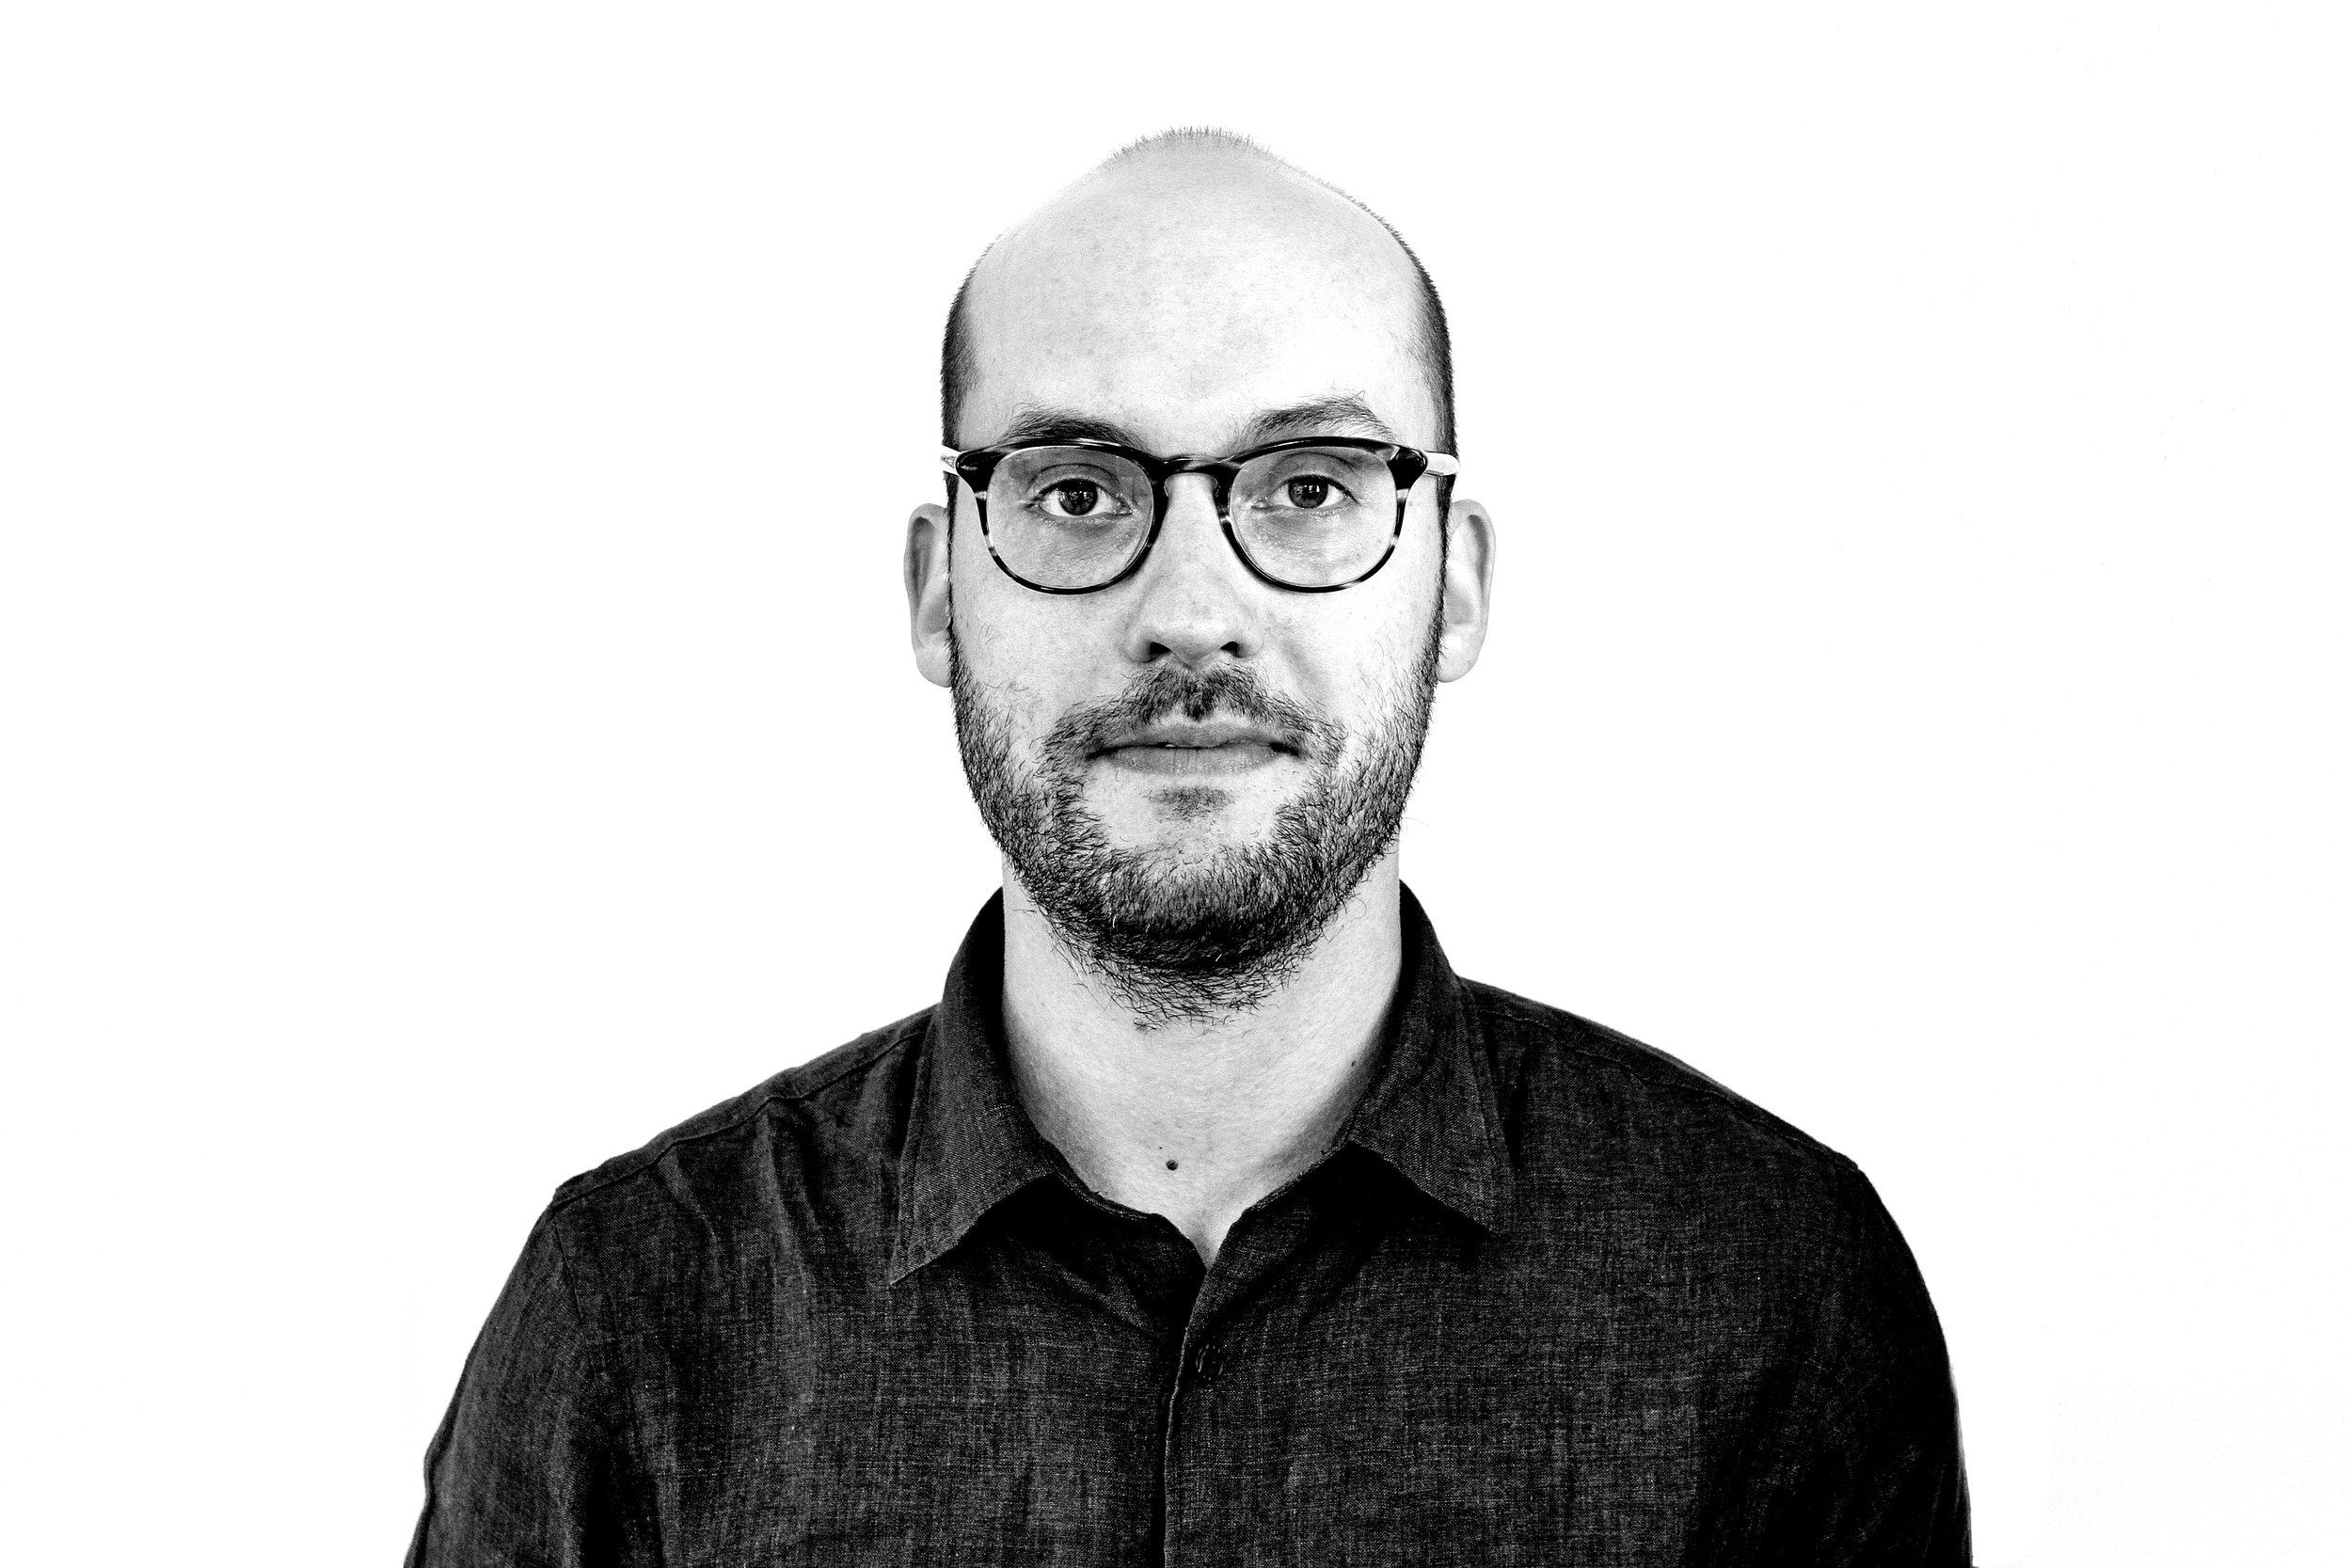 Alex Rainer - Senior Publicity & Marketing Manager, Unison Media